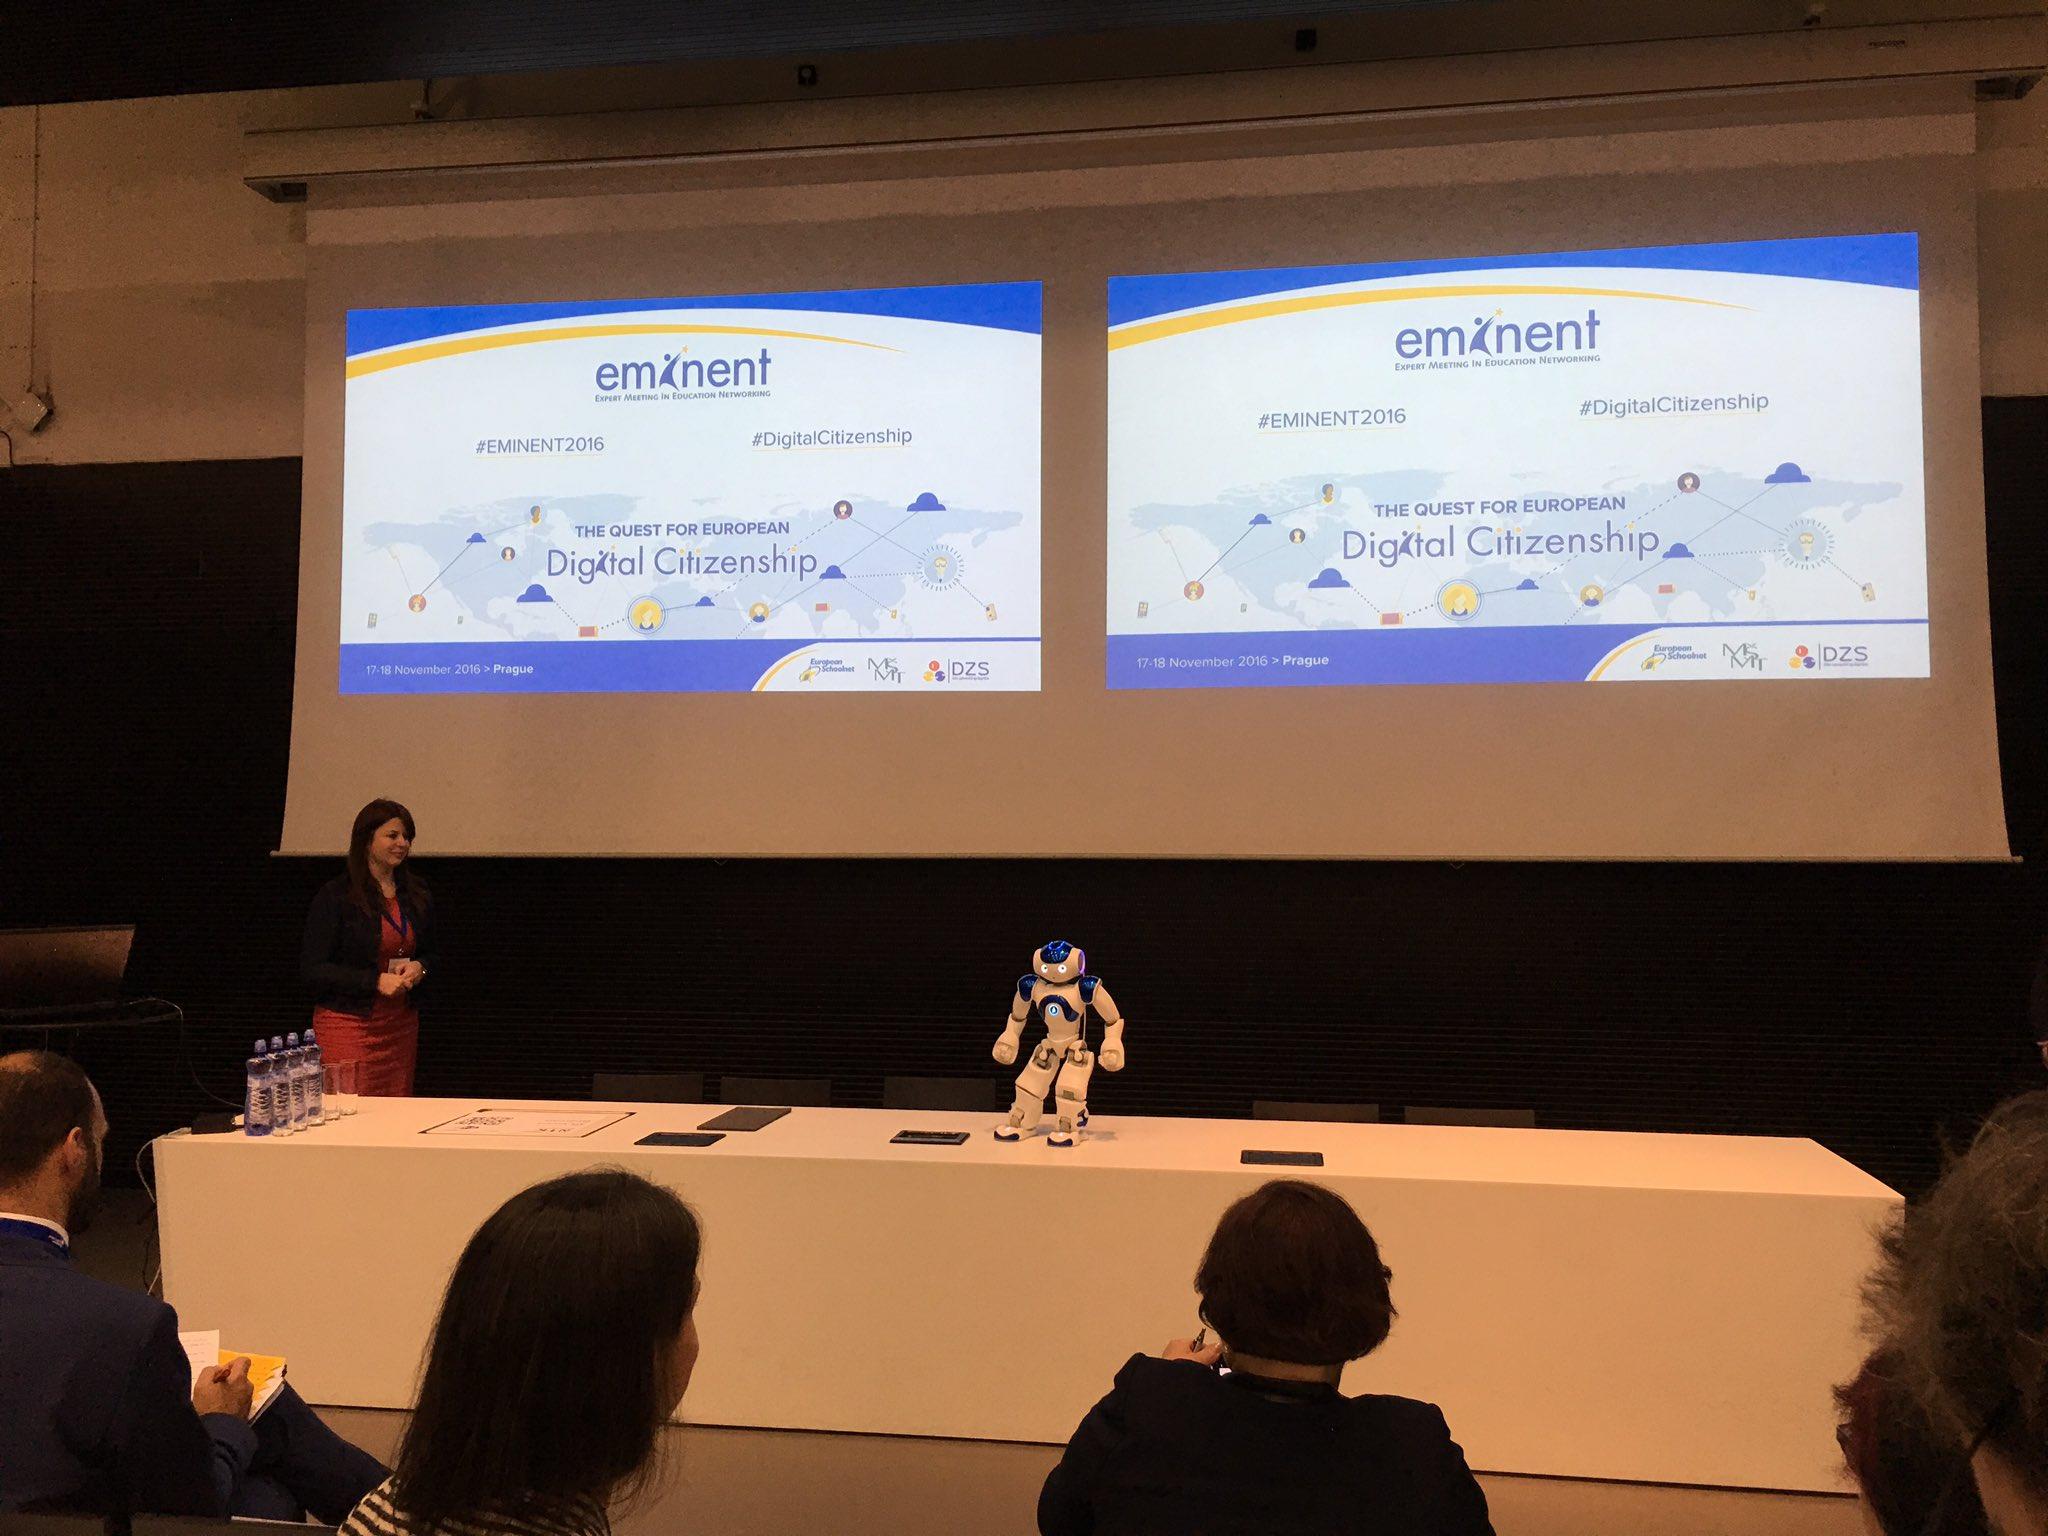 Comienza #Eminent2016 y nos da la bienvenida.... un robot!!! #DigitalCitizenship https://t.co/oayySuuJIG